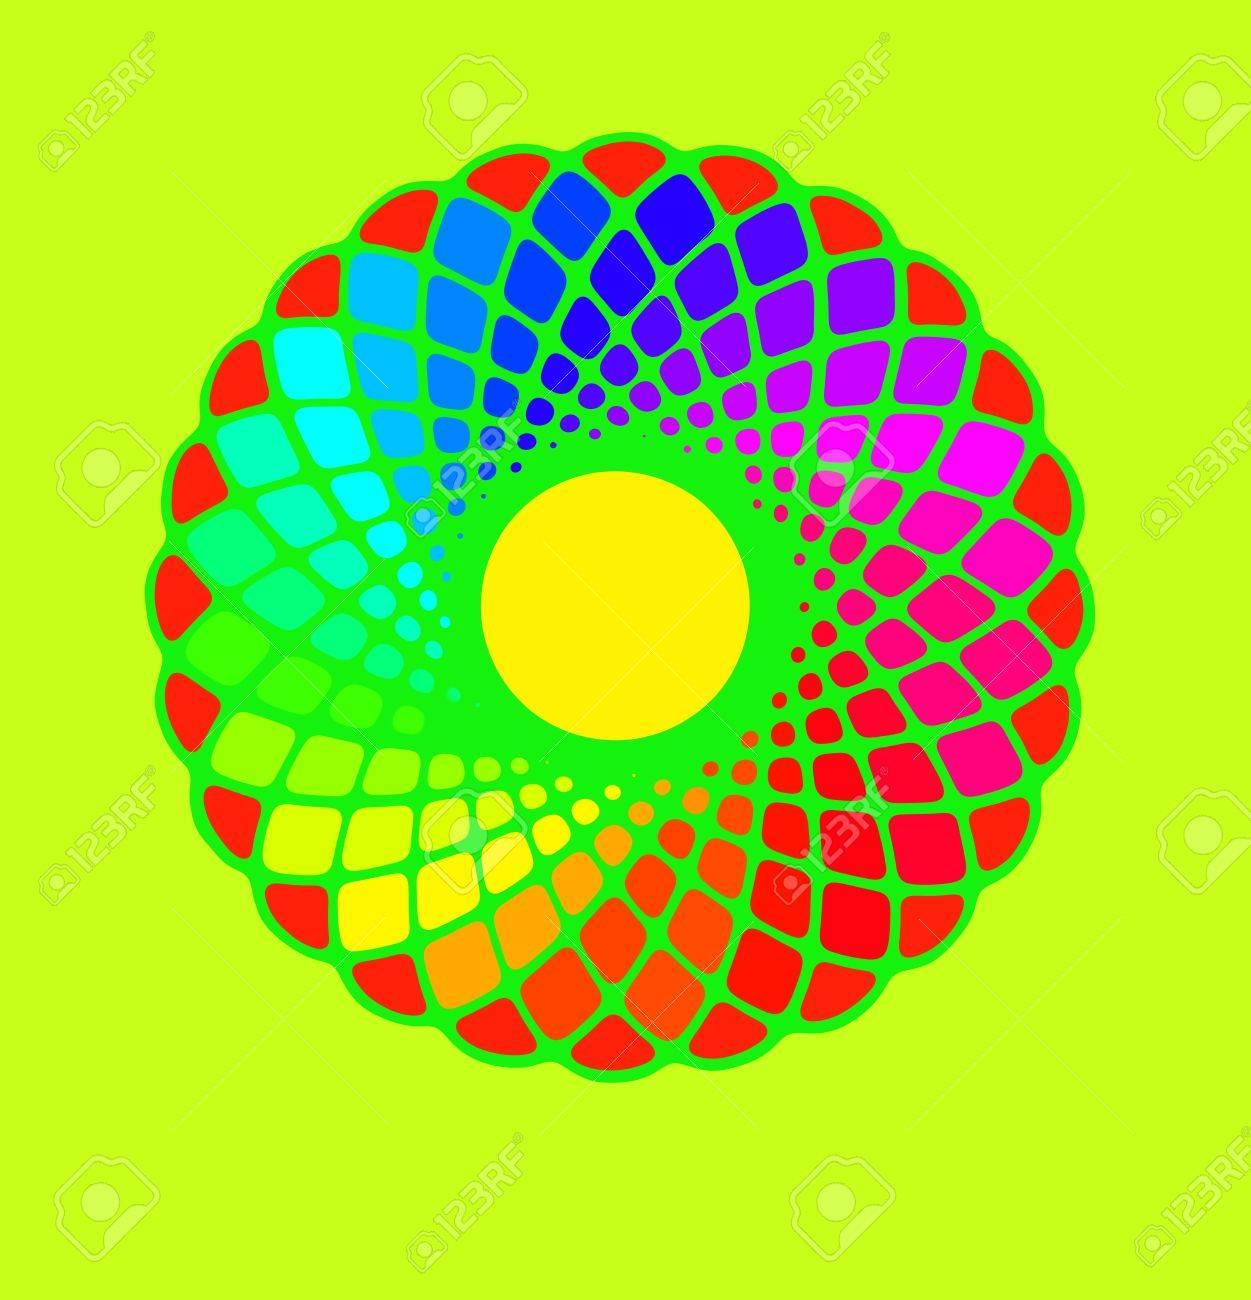 Image De Dessin A La Main Et Numerique Cercle Colore Fond Arc En